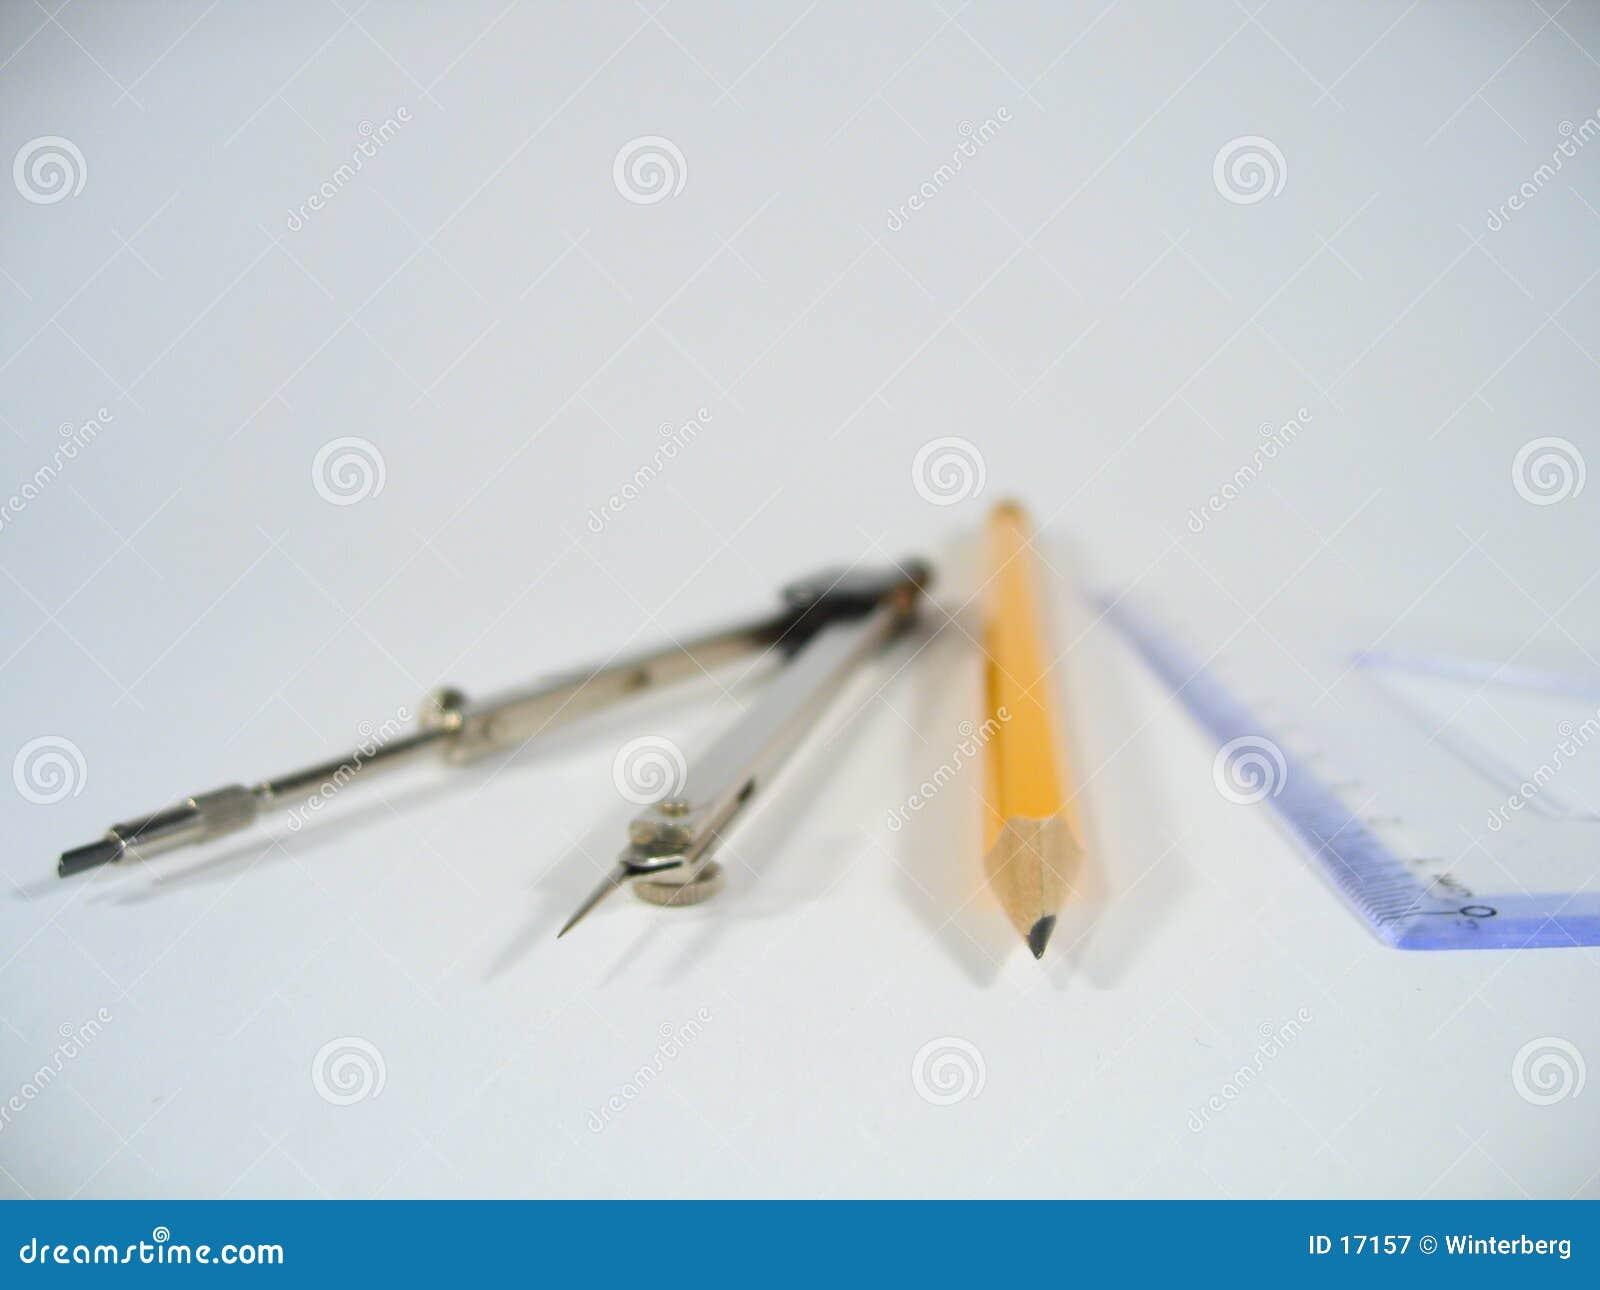 Kilka ołówka władca kompas.